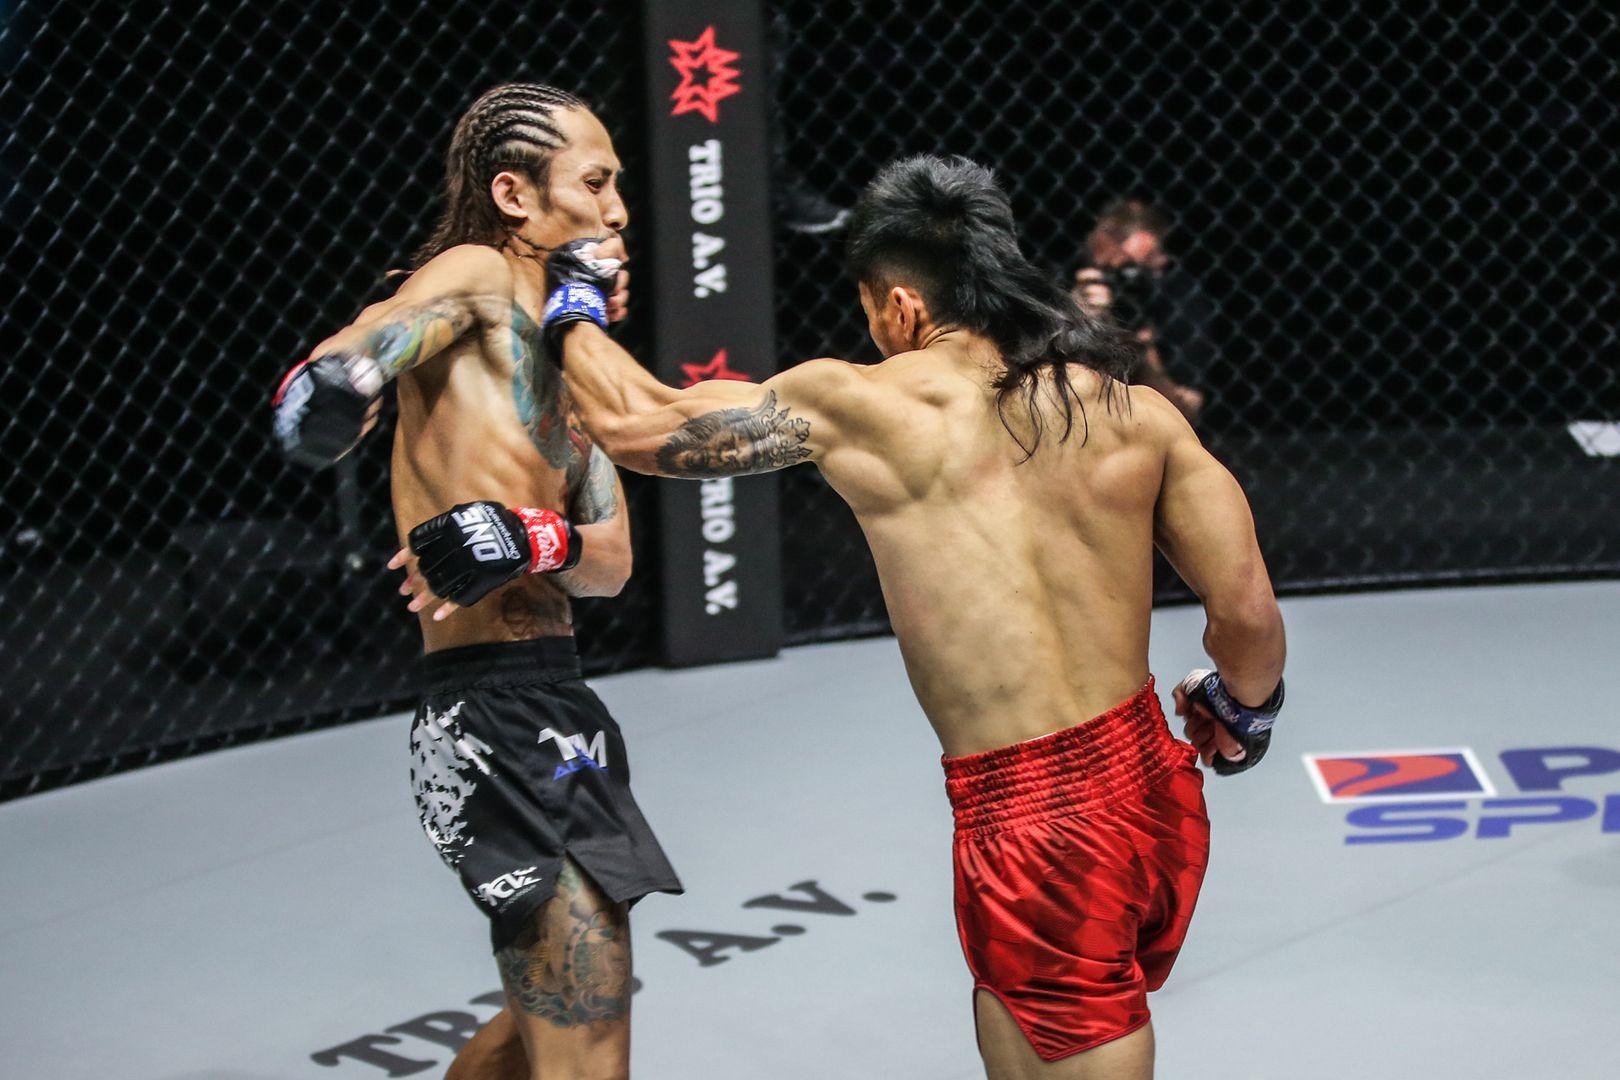 Filipino MMA fighter Lito Adiwang knocks out Namiki Kawahara at ONE: UNBREAKABLE